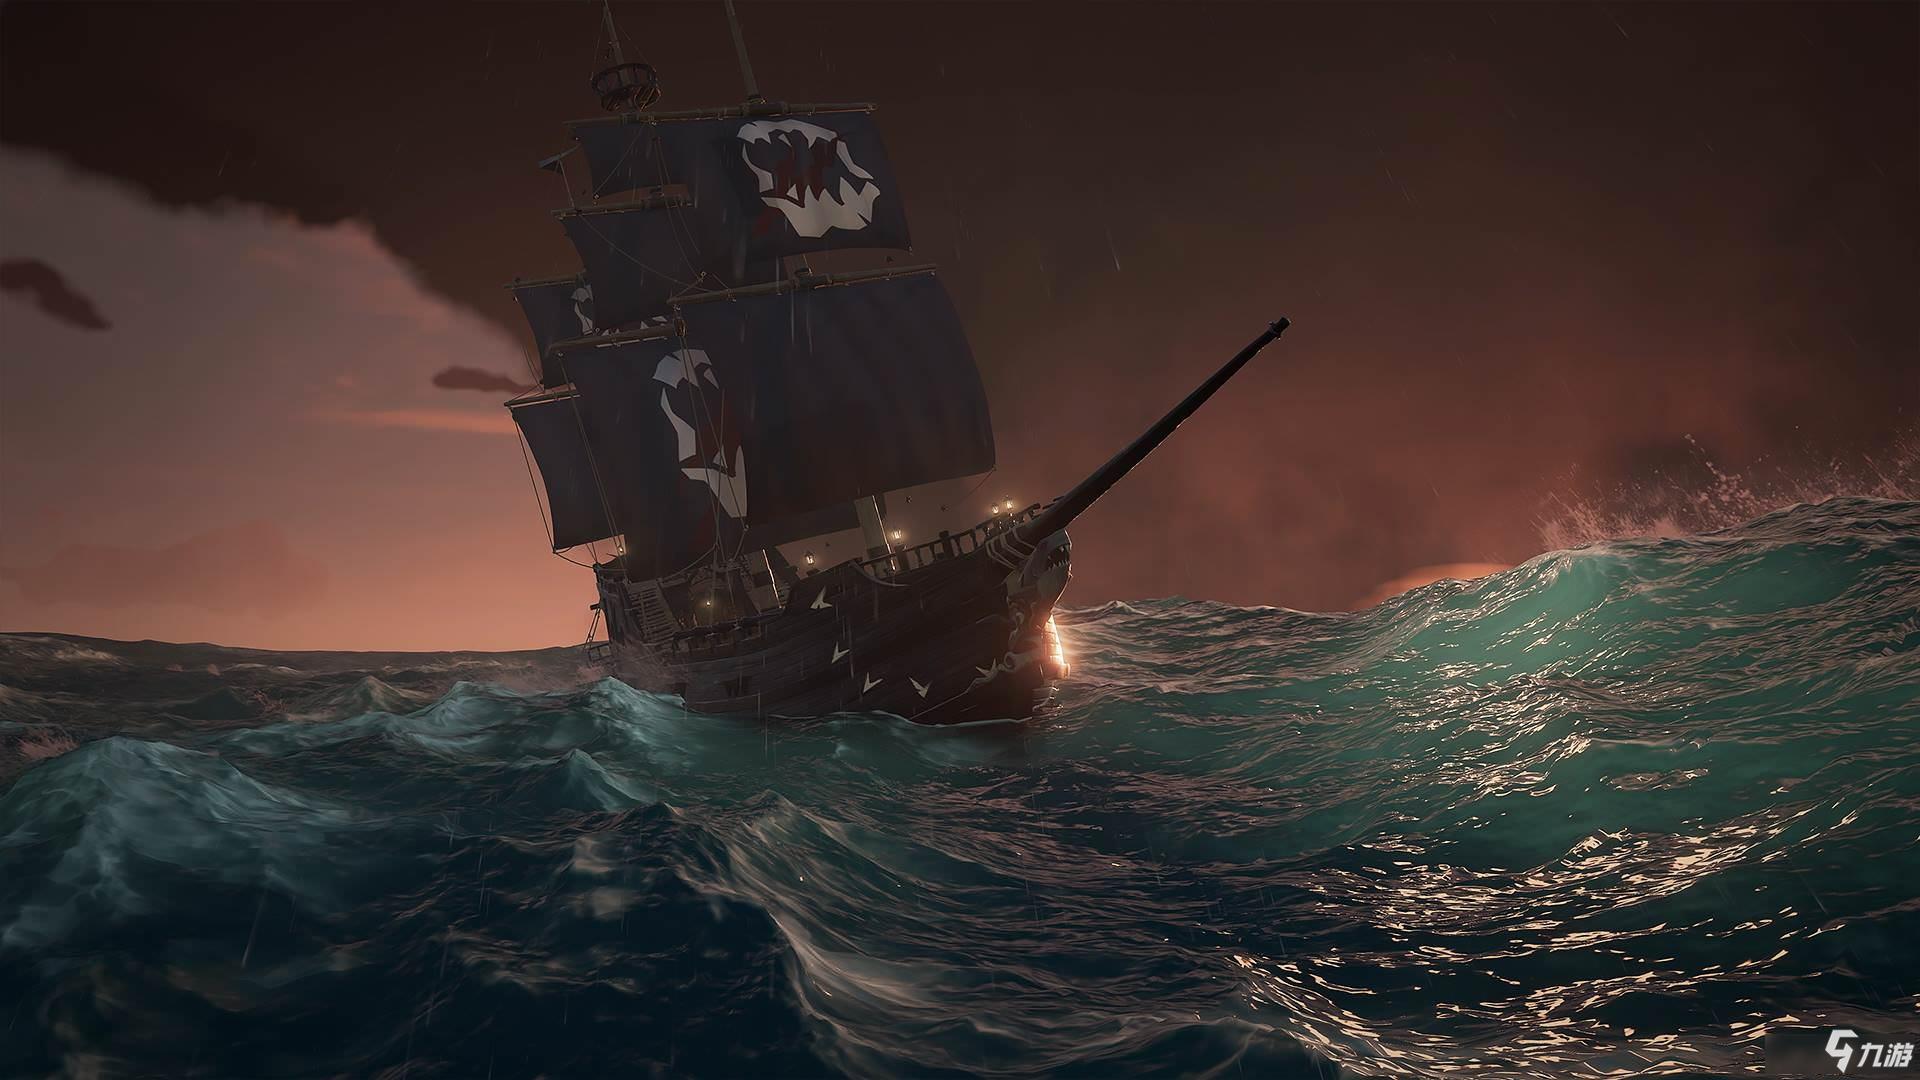 《盗贼之海》灰暗之风特点分析 灰暗之风怎么打